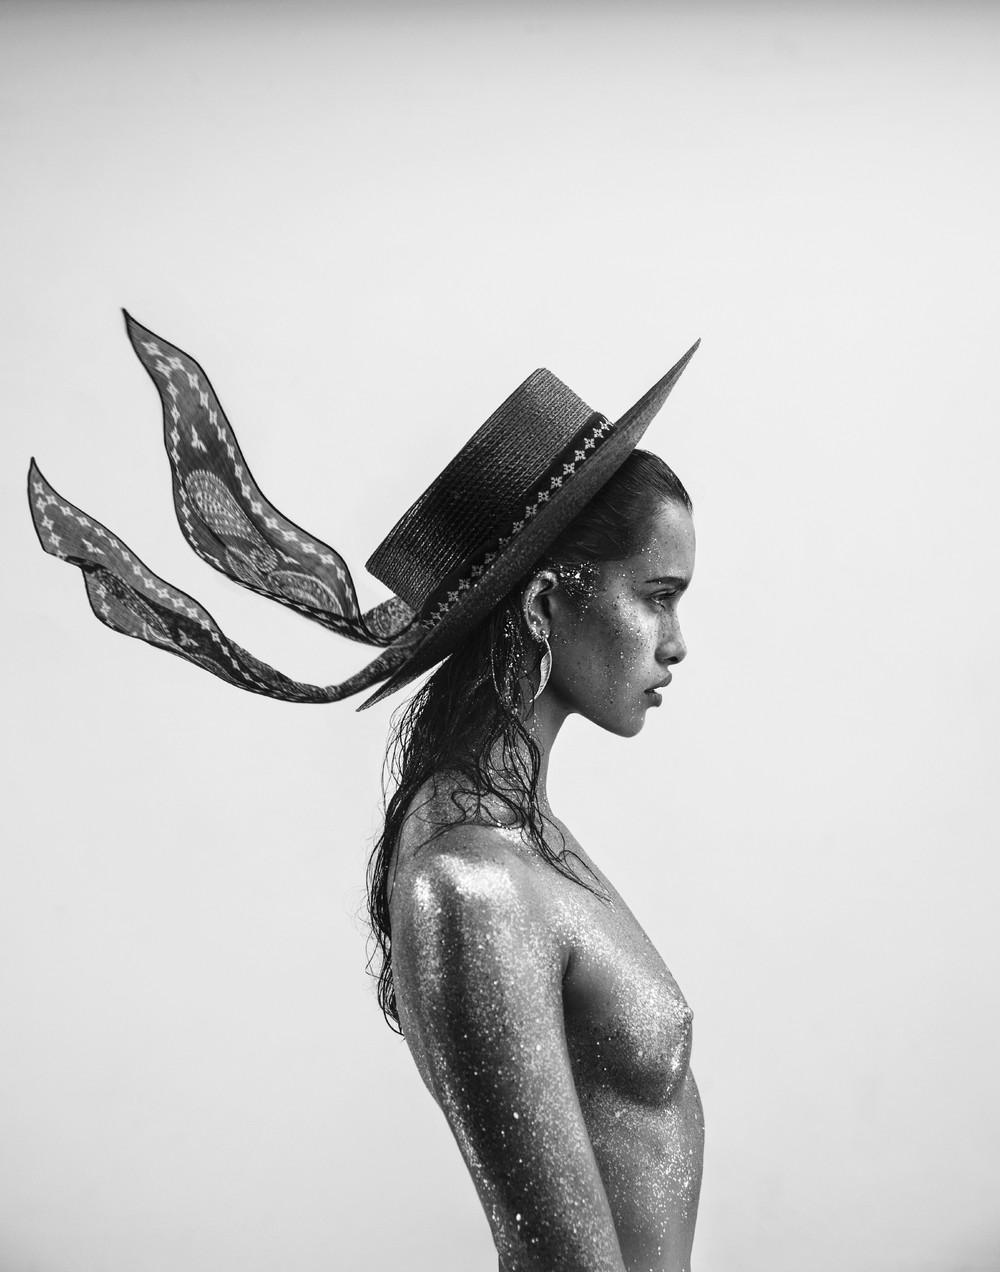 Снимки гламура, моды и красоты от Лины Теш